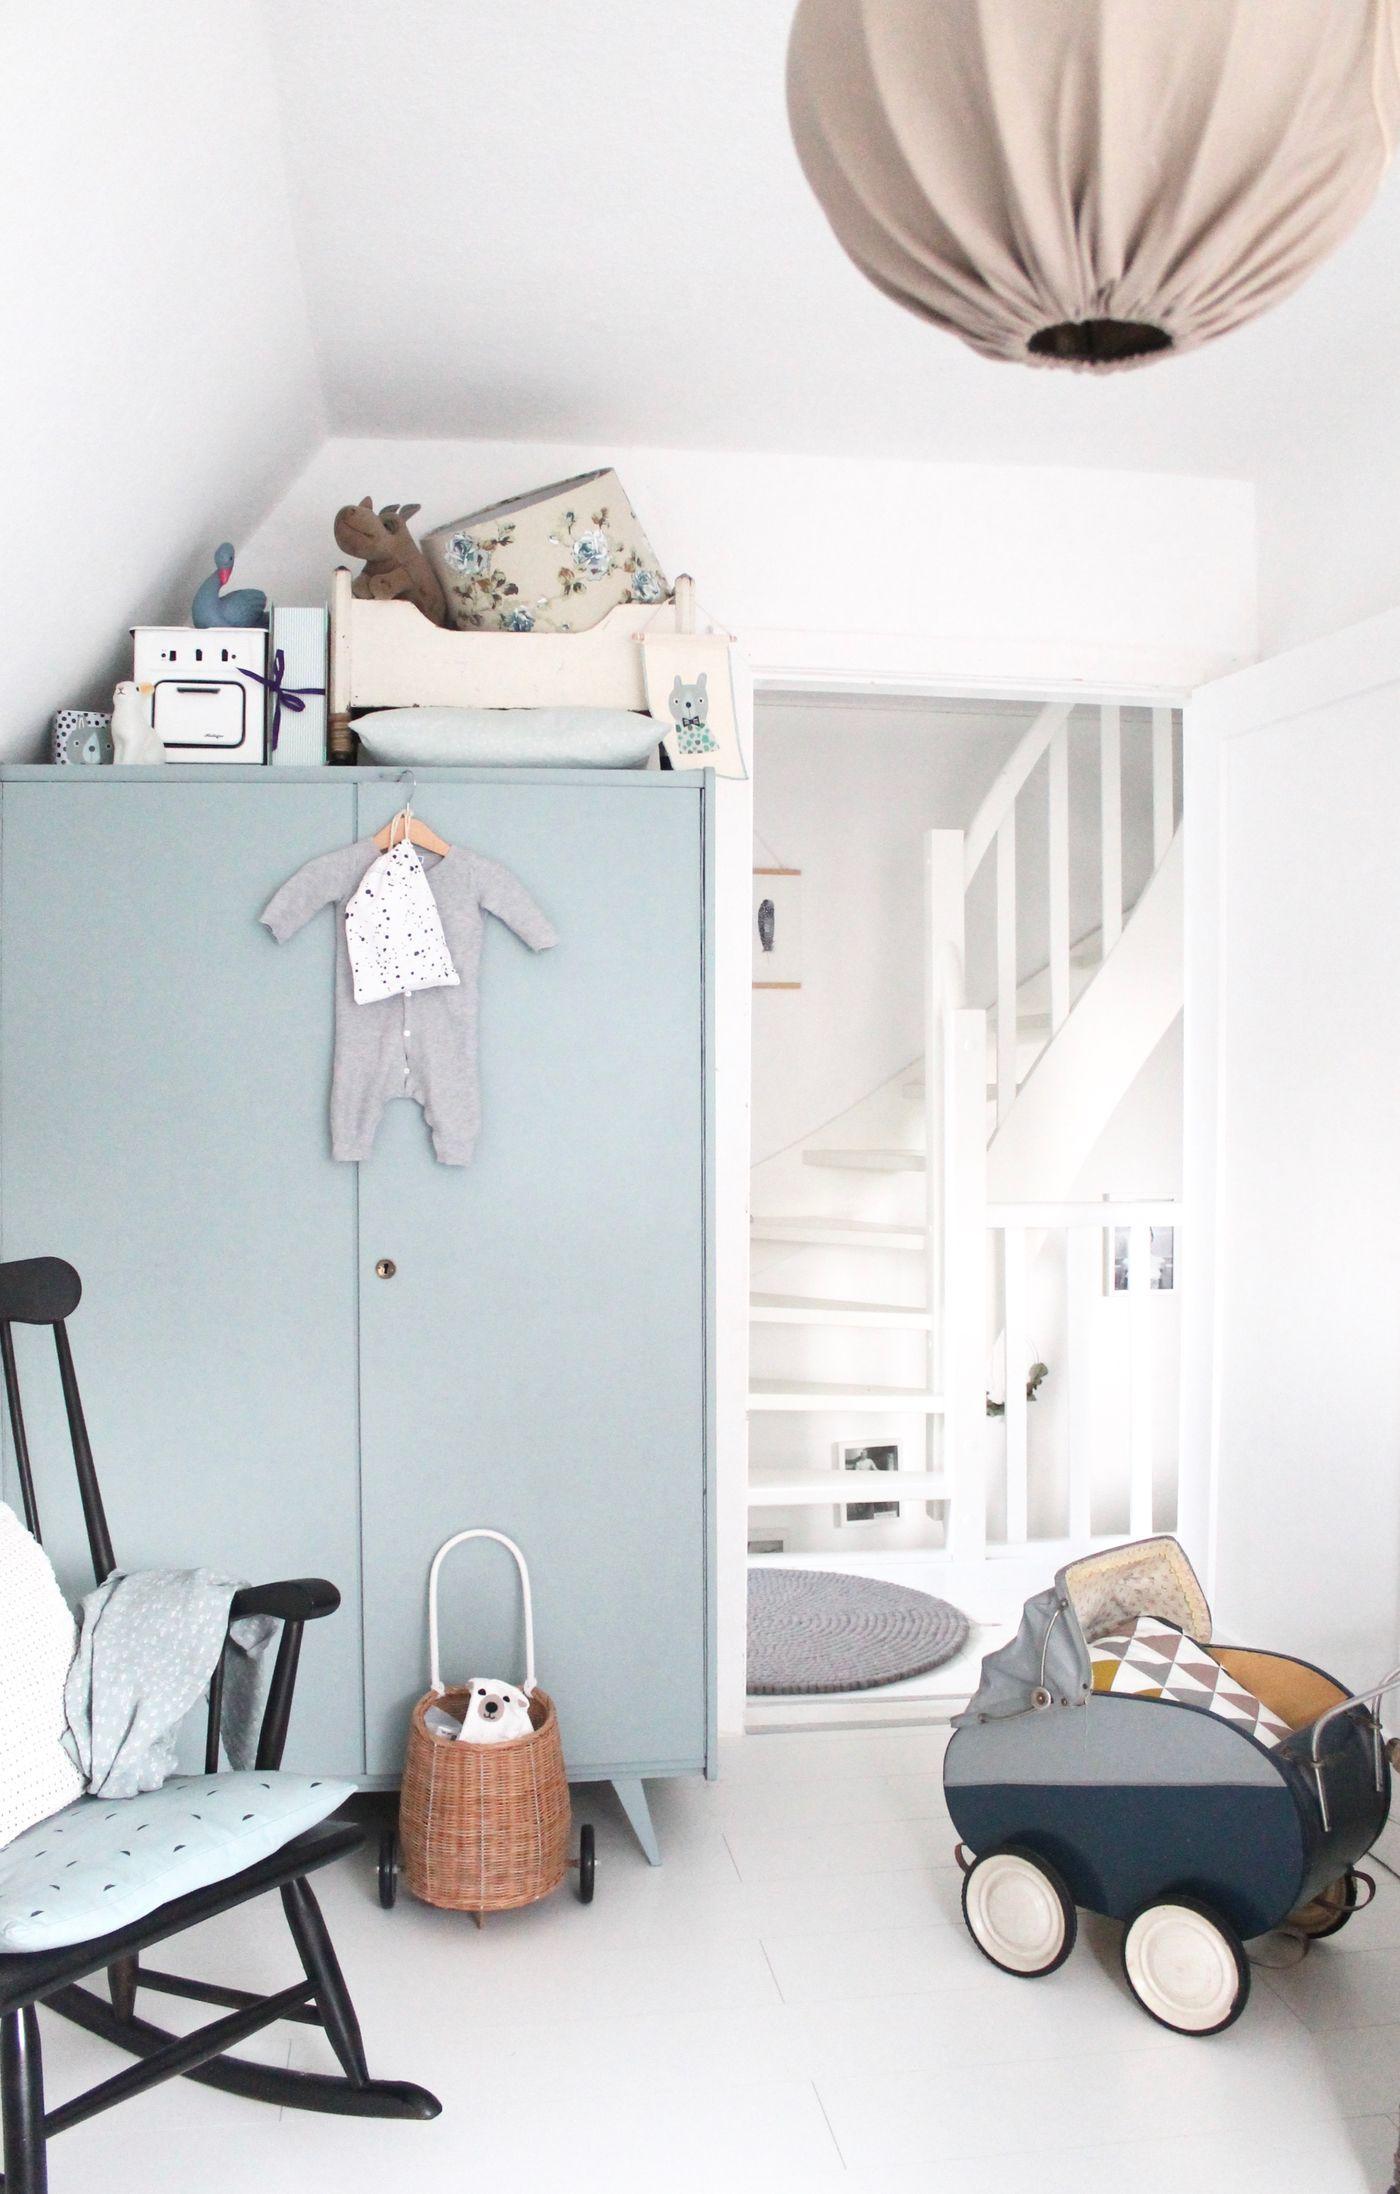 Full Size of Kinderzimmer Einrichten Junge Schnsten Ideen Fr Dein Regal Weiß Küche Kleine Badezimmer Sofa Regale Kinderzimmer Kinderzimmer Einrichten Junge